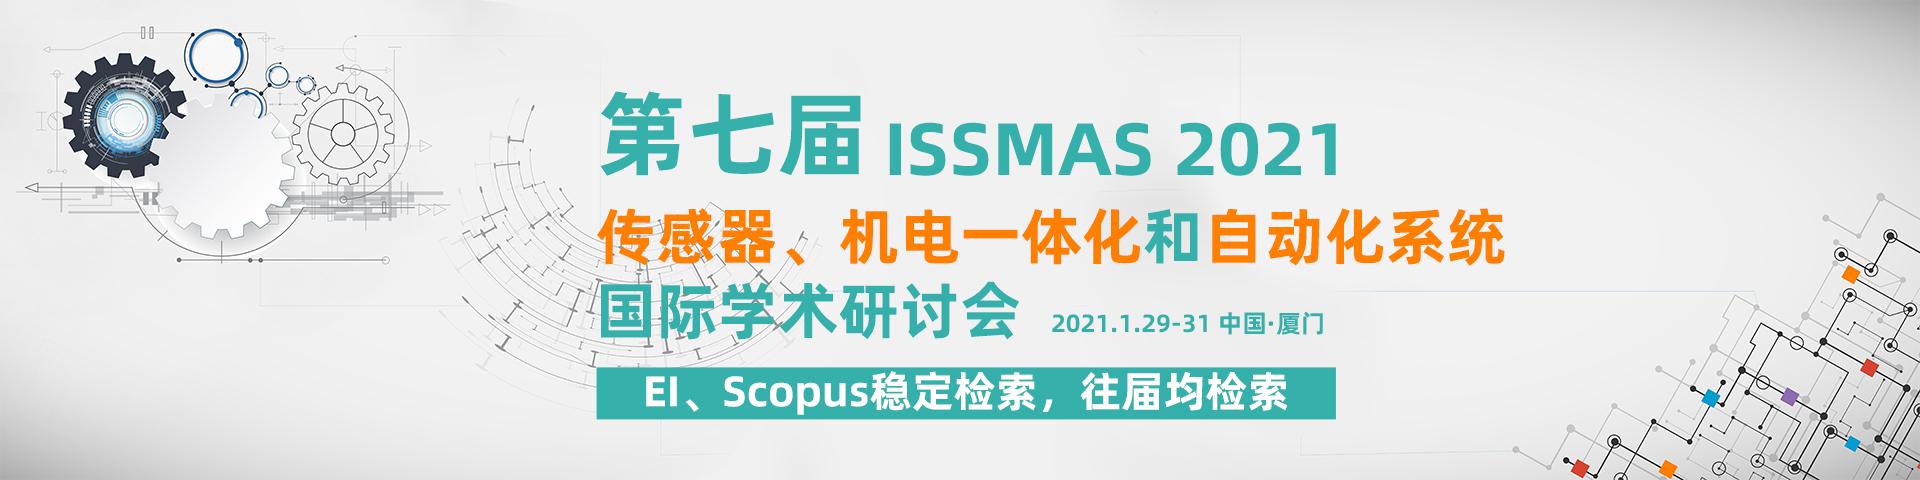 ISSMAS 2021-官网banner中版-何霞丽-0902.jpg